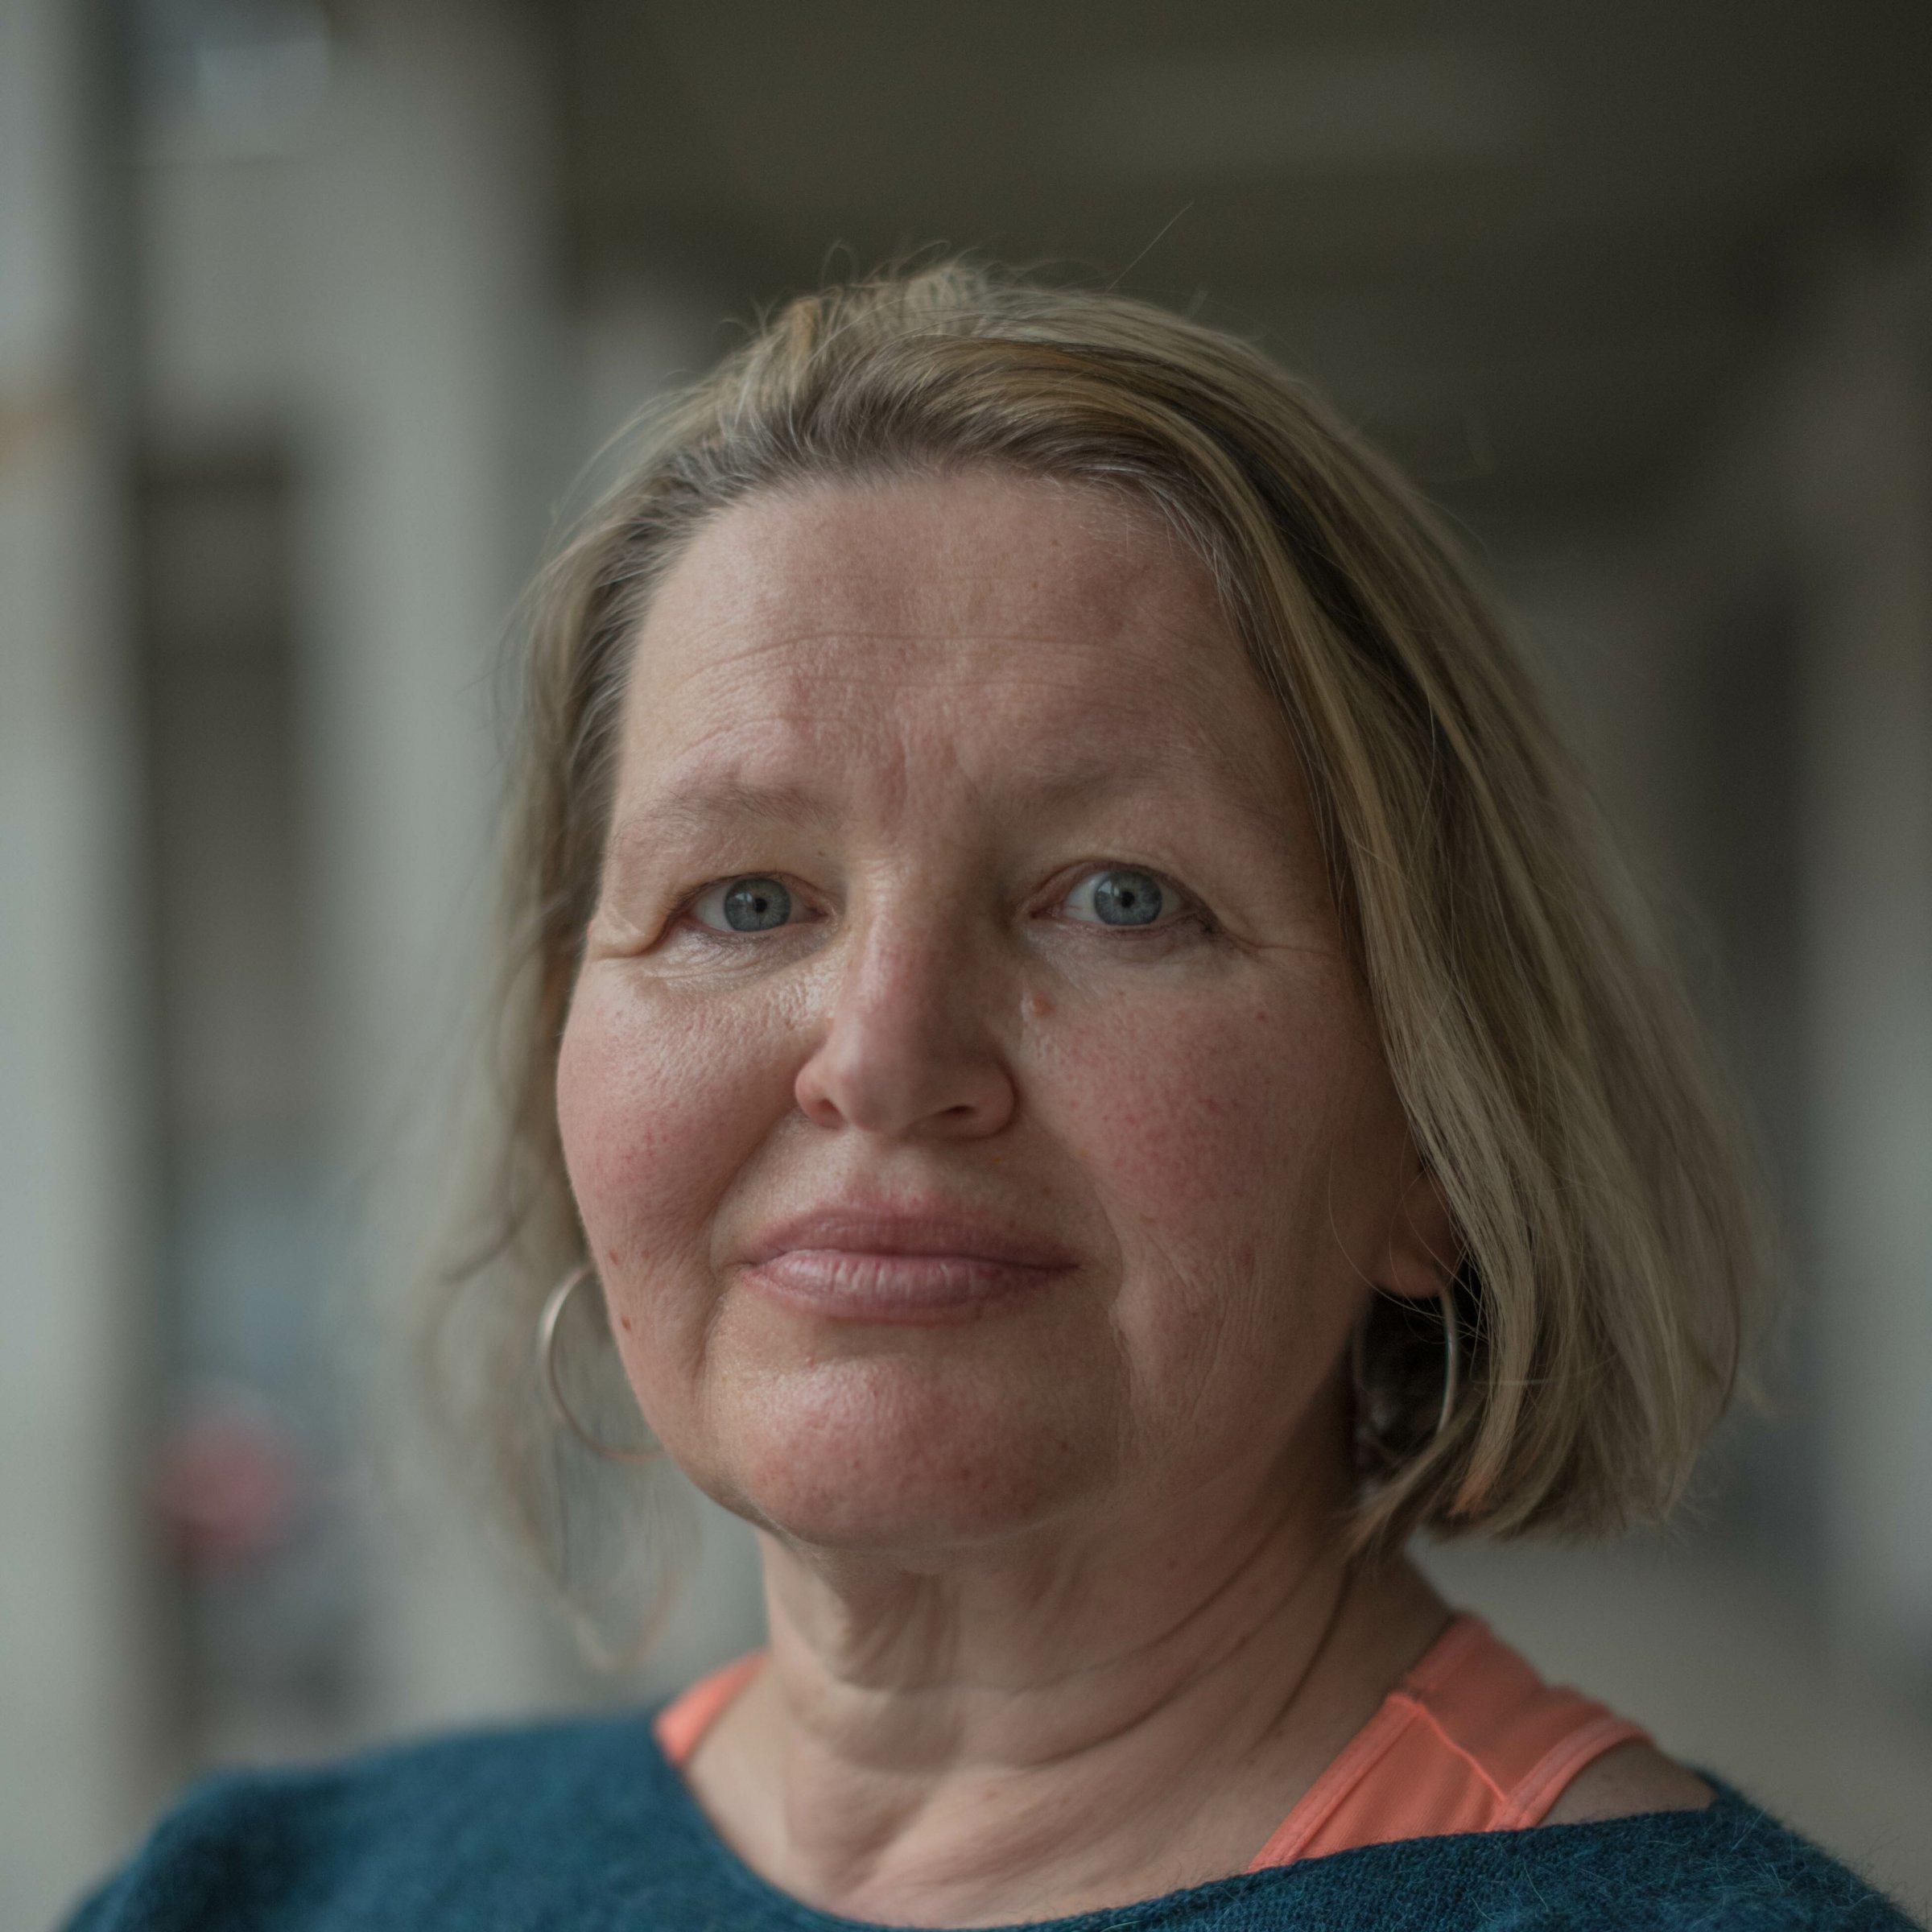 Portrait einer europäisch aussehenden Frau mittleren Alters, blonde kurze Haare.